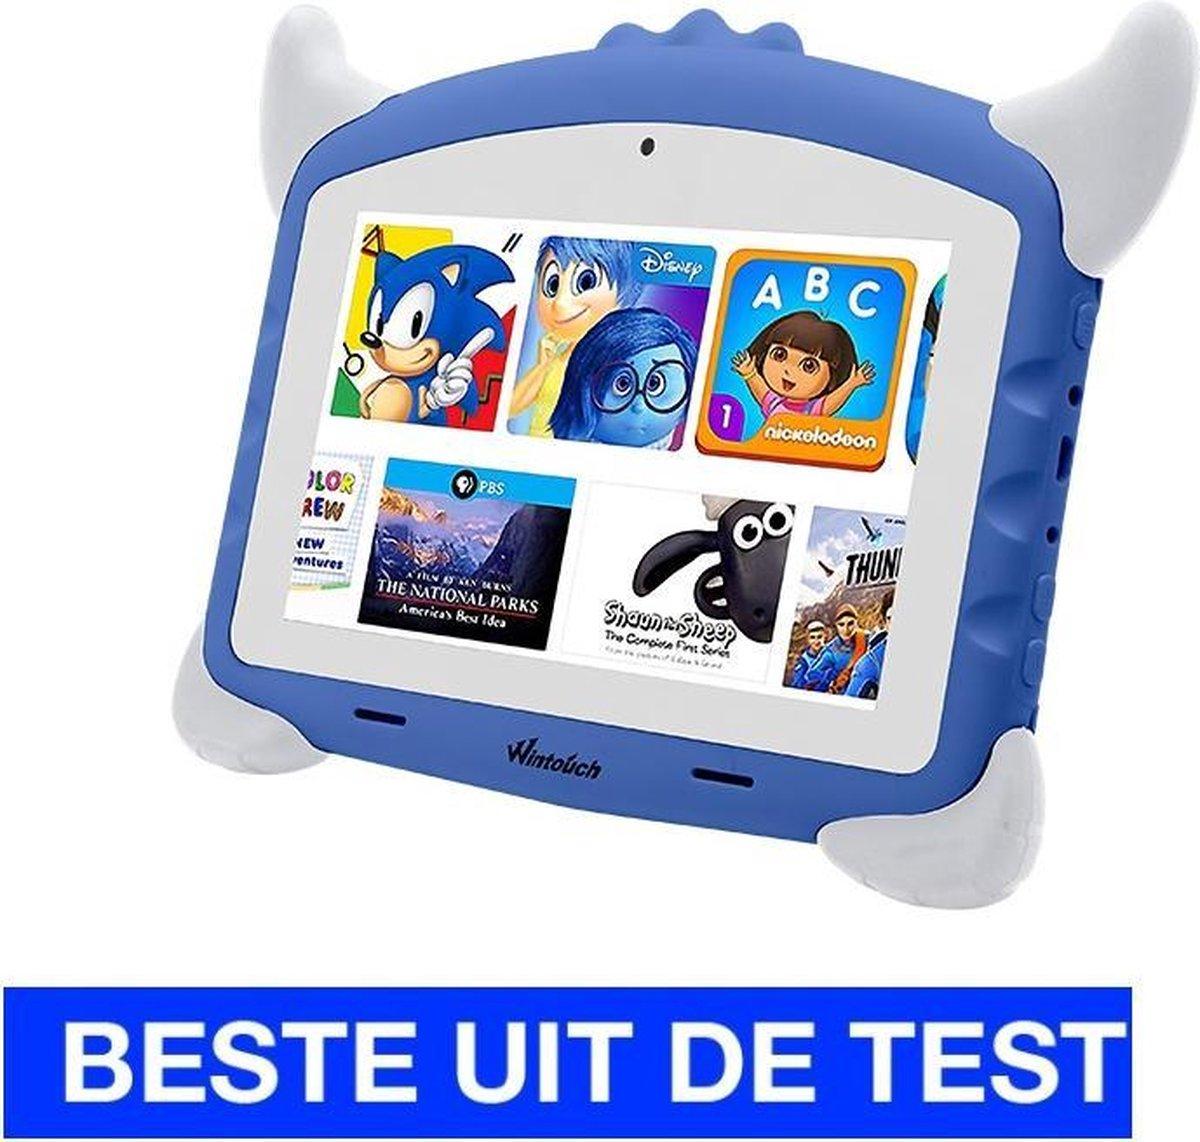 Kindertablet pro Blauw - kidstablet - Disney+ Netflix - Tablet 7 inch - 32GB - 8.1 android - vanaf 2 jaar - Scherp hd beeld - leerzame tablet voor kinderen - Wifi - Bluetooth - voor-achter camera - Play store - uitstekende batterij - 1 jaar garantie